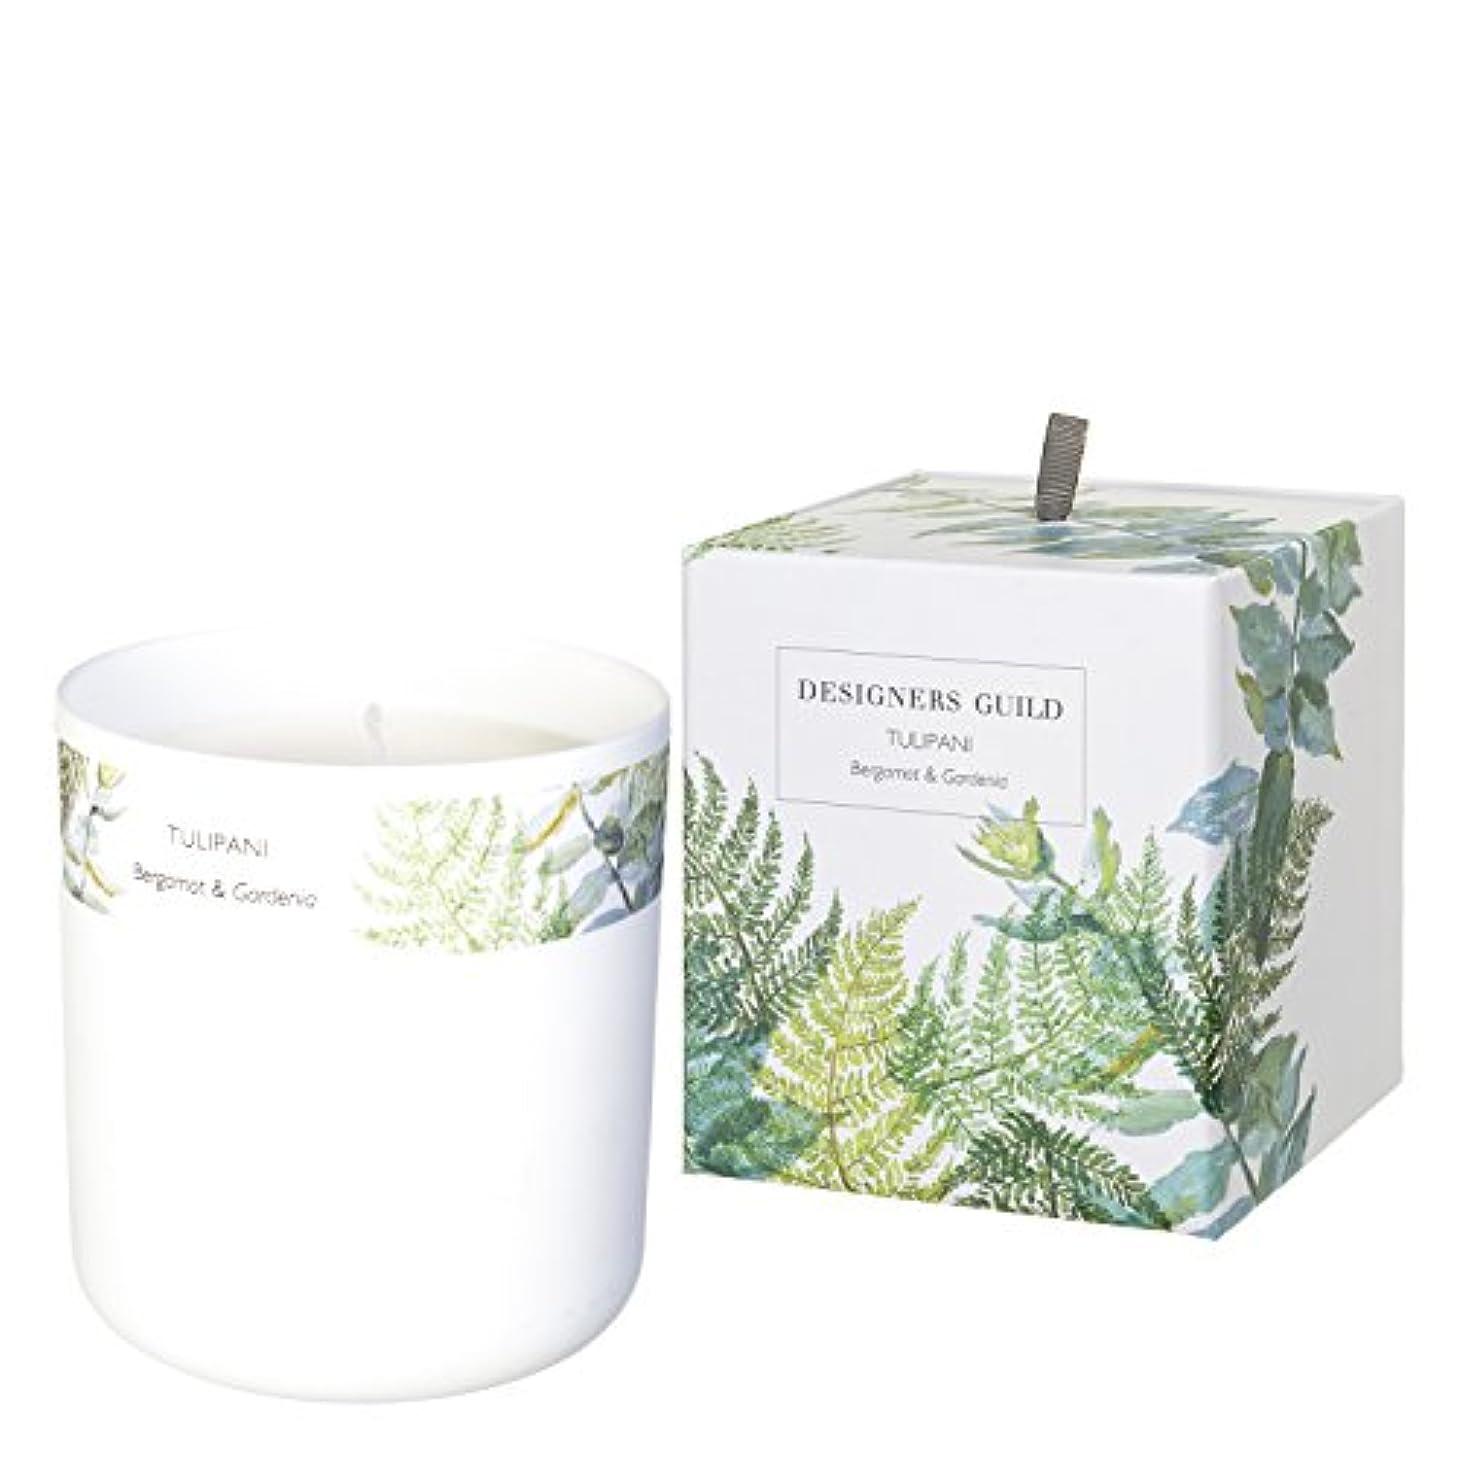 東ティモール意図的イタリアのDESIGNERS GUILD キャンドル TULIPANI - Bergamot & Gardenia